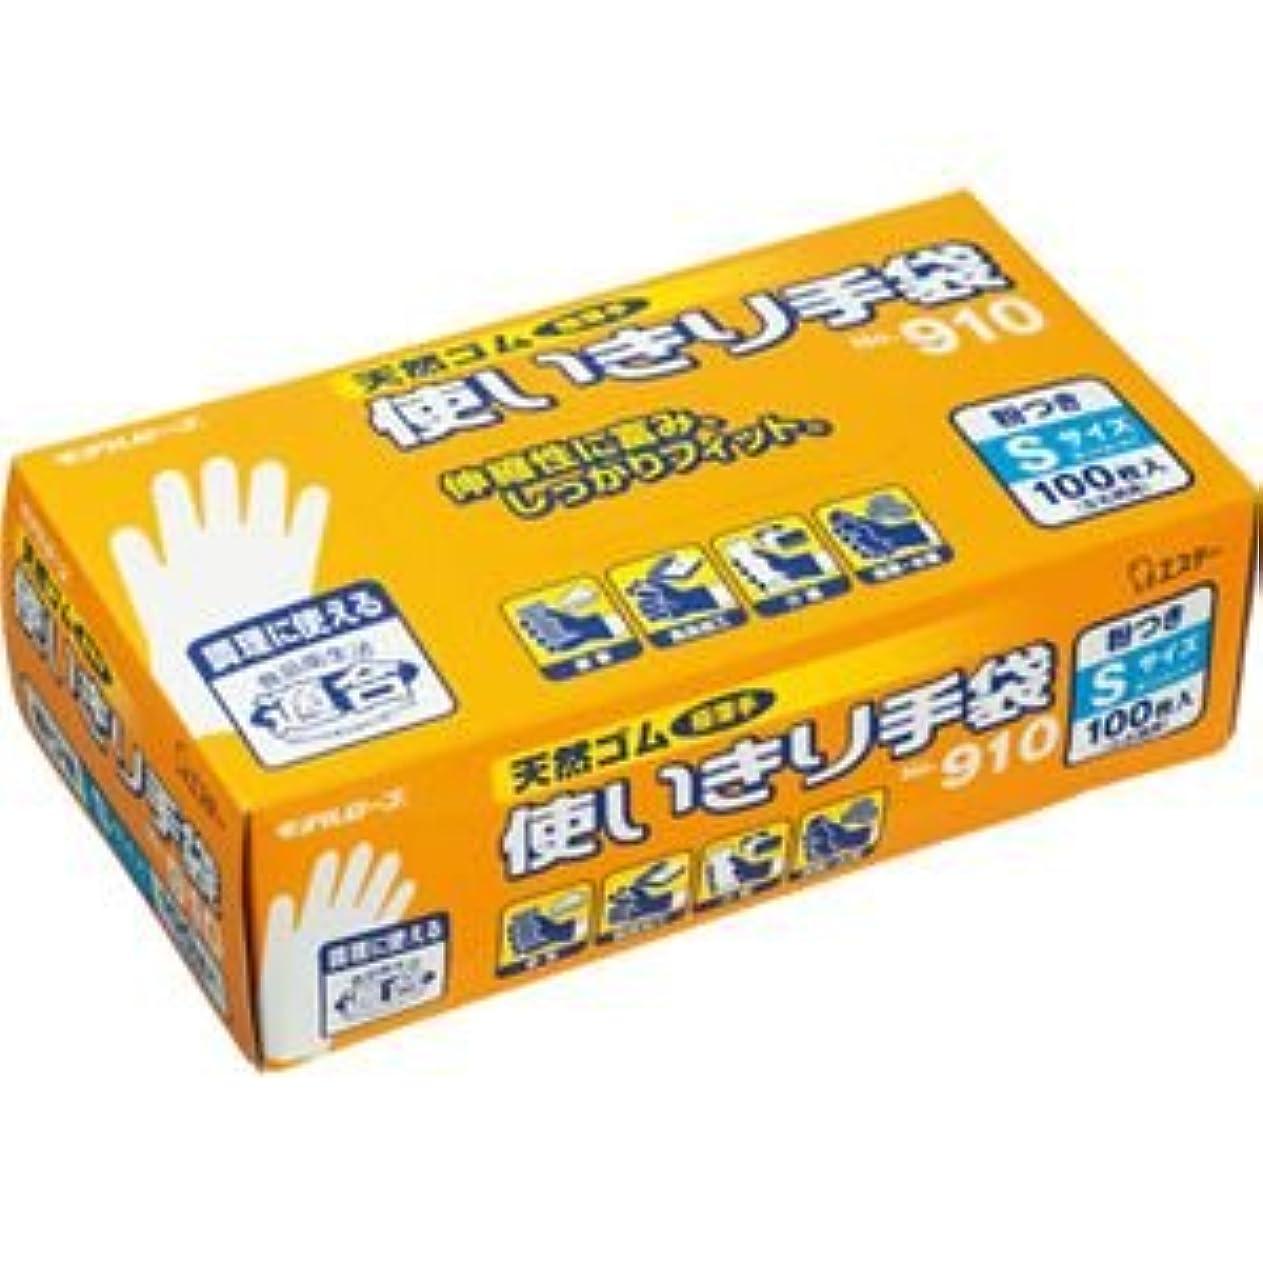 種類告白する祖父母を訪問(まとめ) エステー No.910 天然ゴム使いきり手袋(粉付) S 1箱(100枚) 【×5セット】